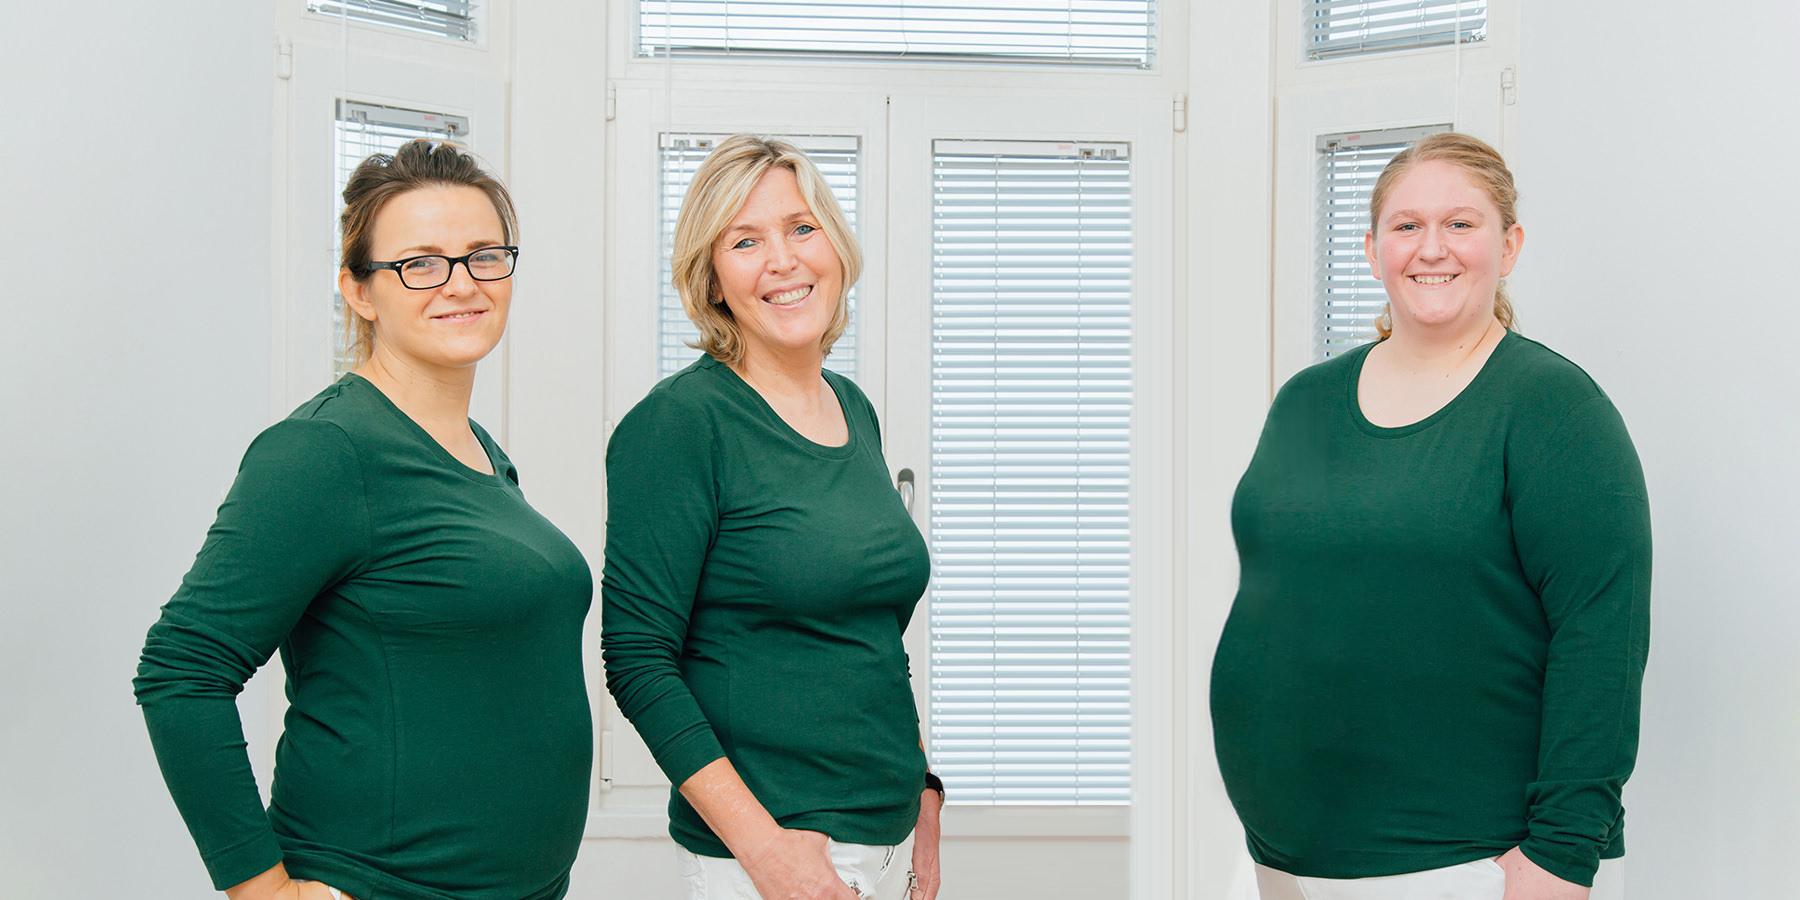 Gefäßmedizin und Gefäßchirurgie Aachen - Dr. Hoff - Team